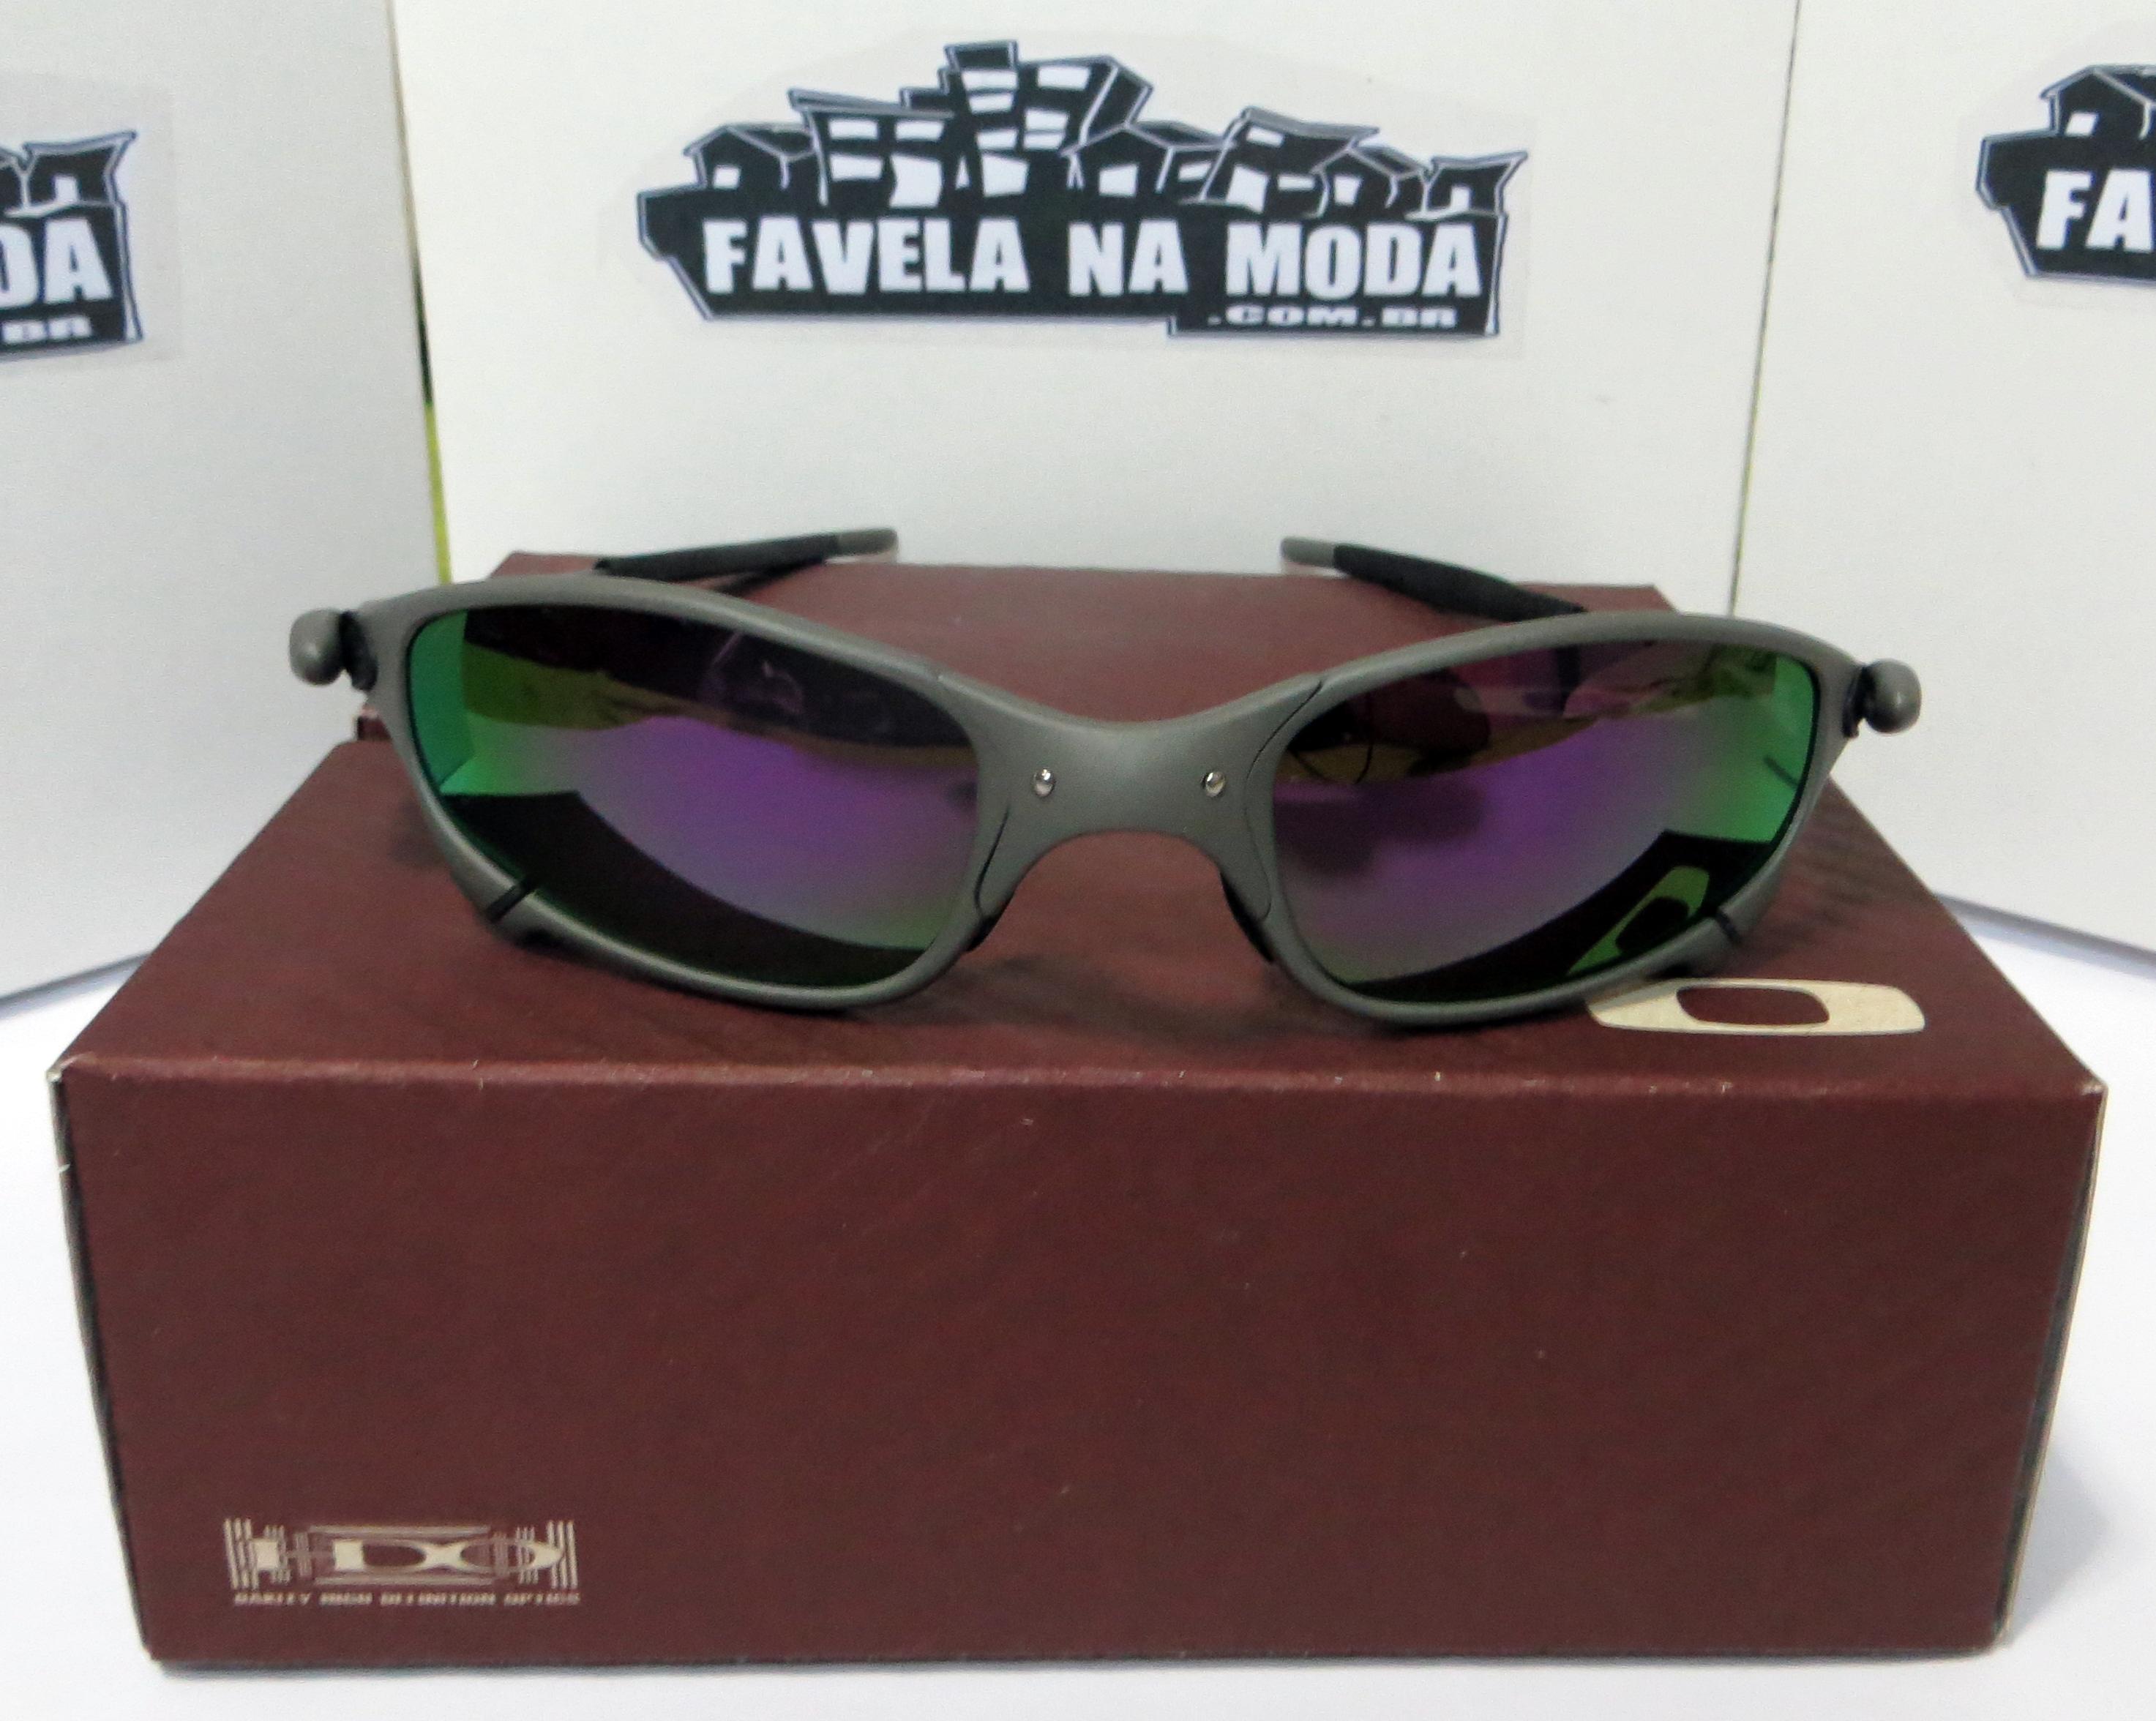 724138c216c4f Óculos Oakley Juliet - X-Metal   Violet   Borrachinhas Pretas